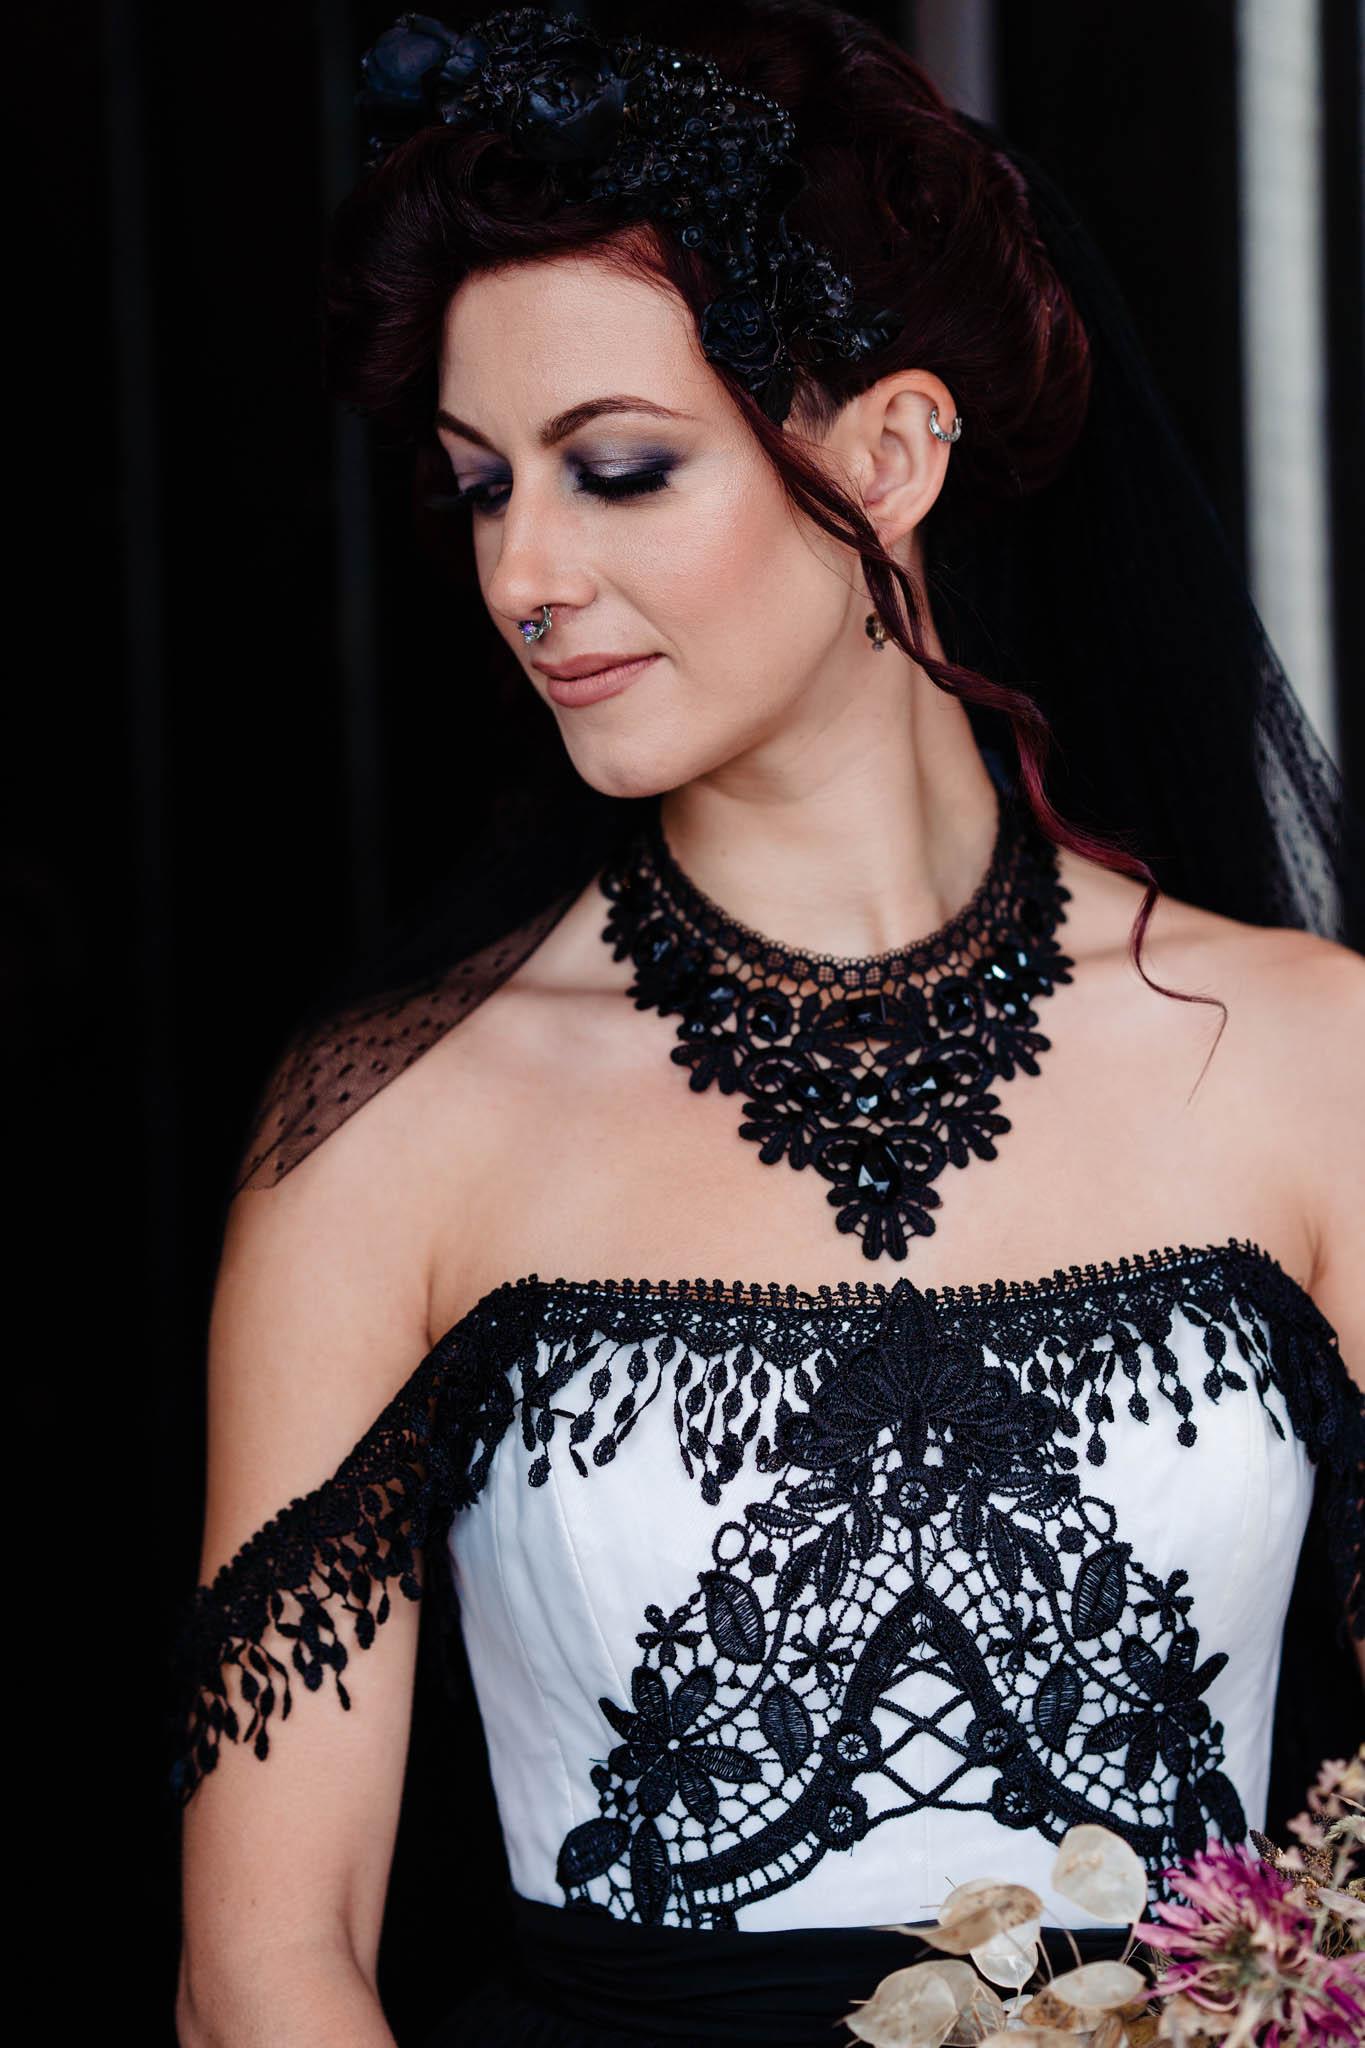 elegant gothic wedding - gothic wedding dress- black wedding dress - alternative wedding dress - alternative bridal wear